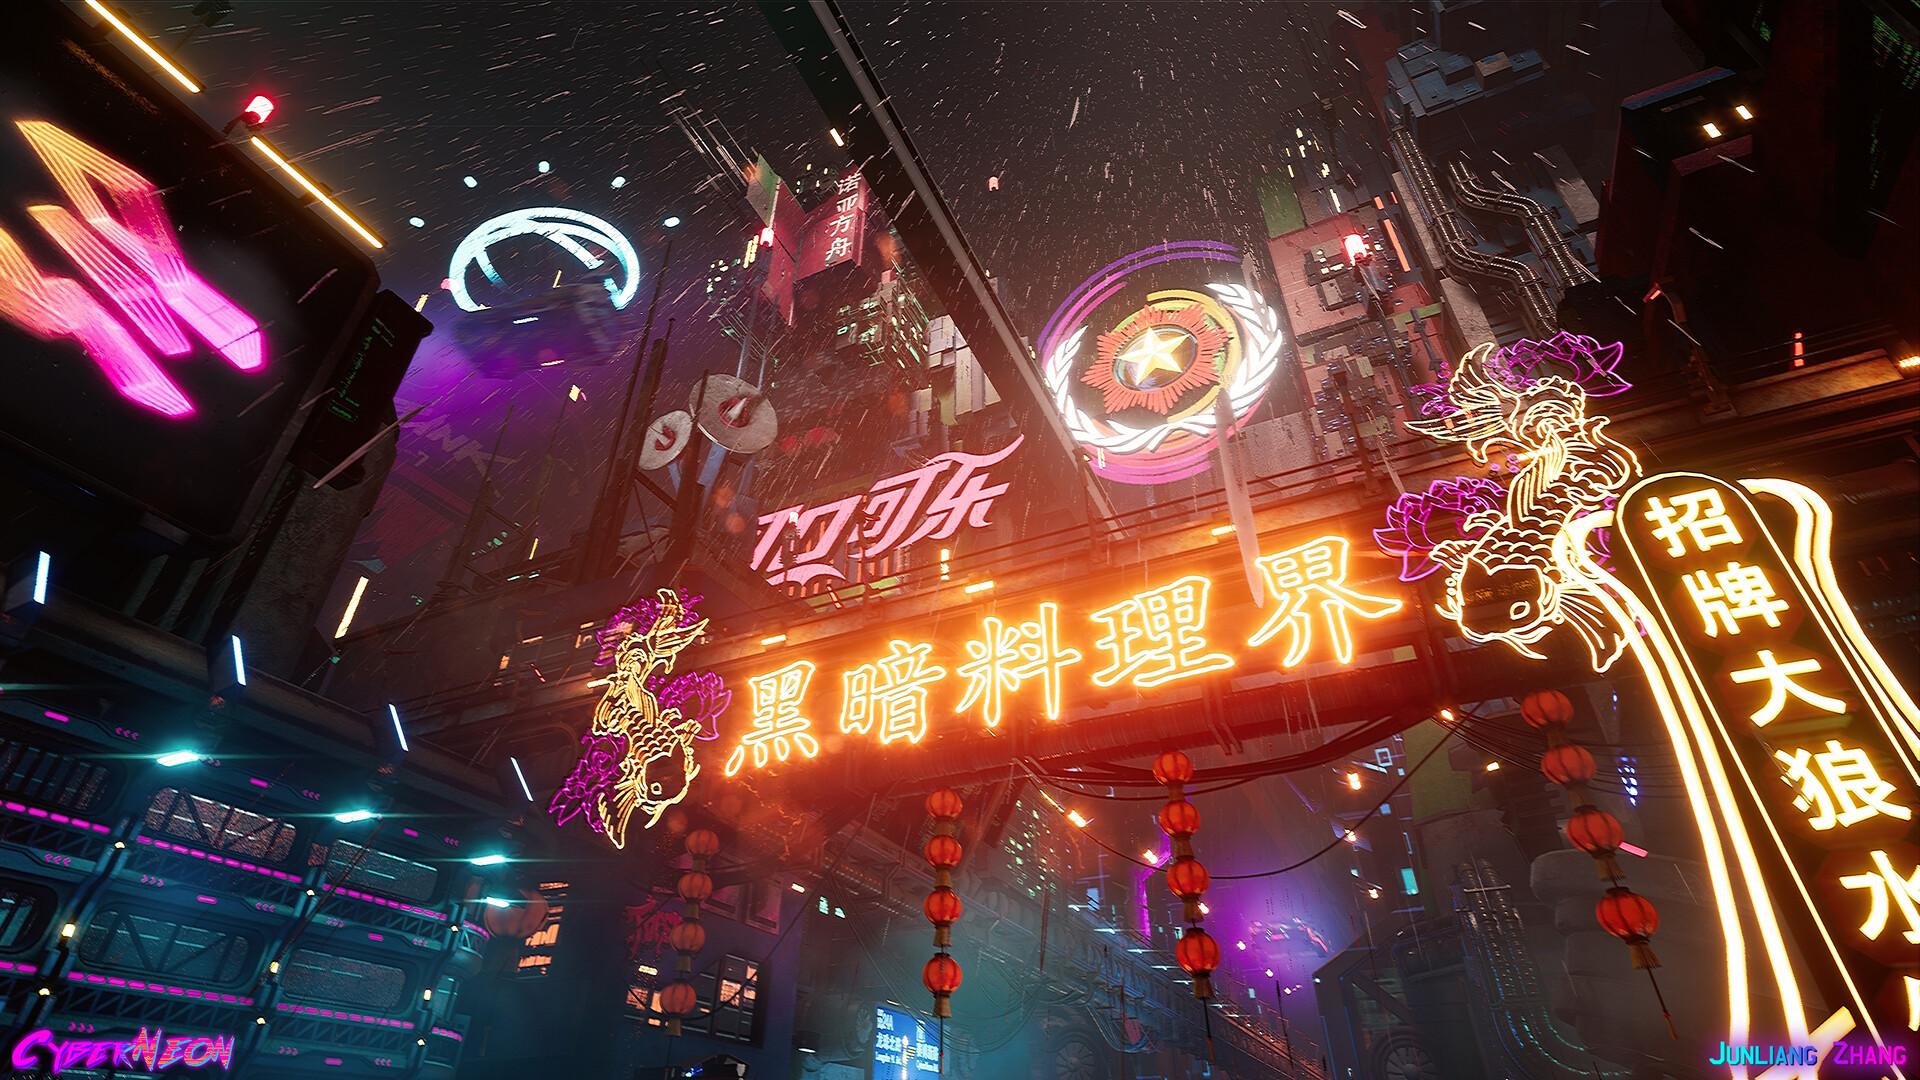 Junliang zhang 14